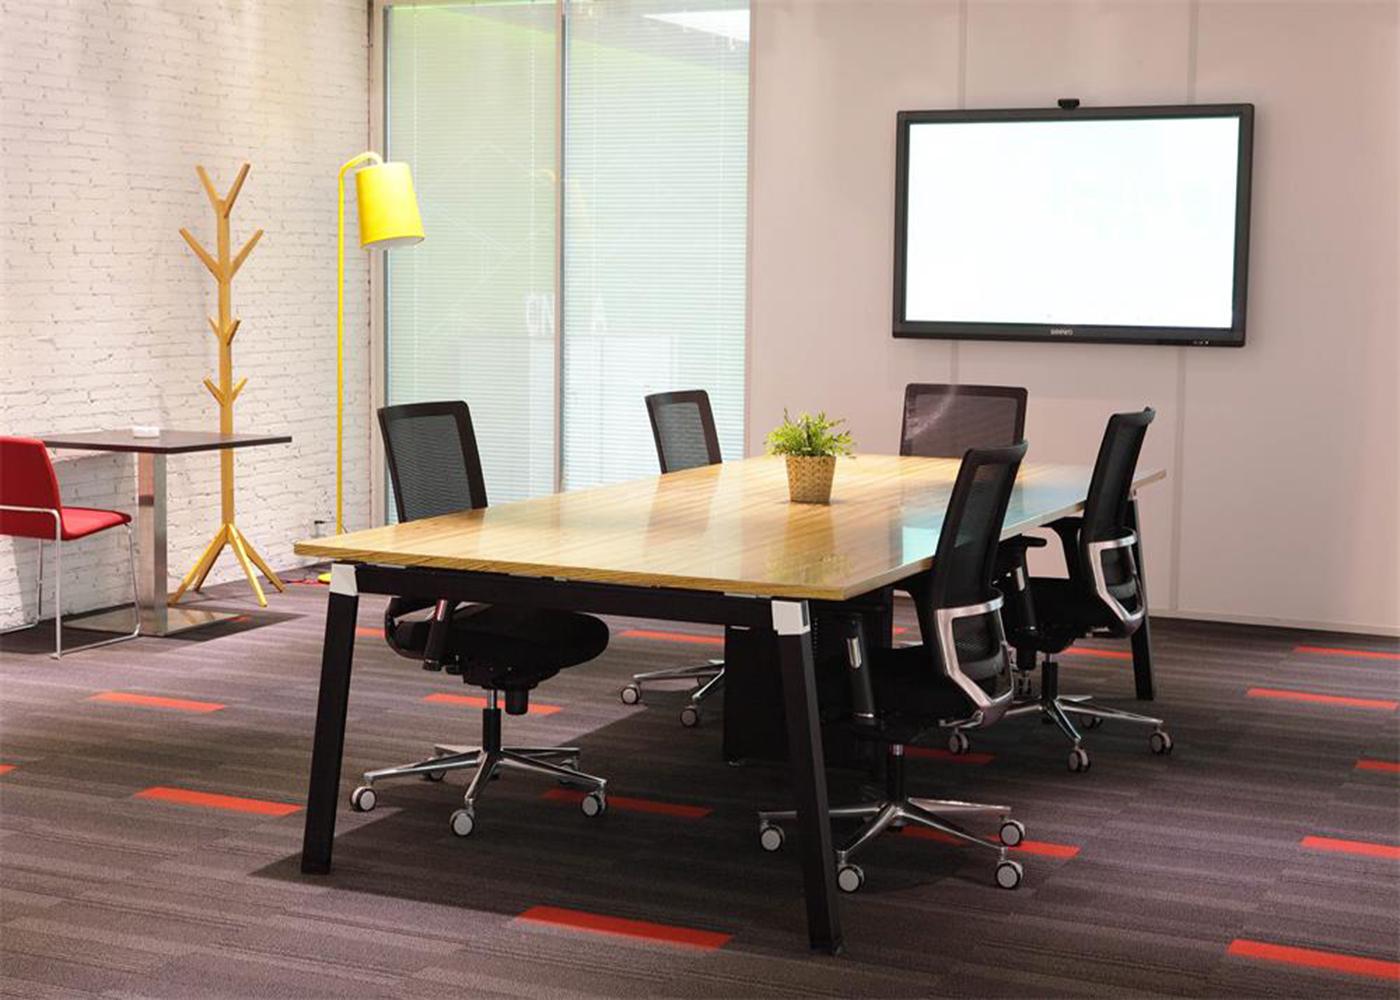 凯蒂斯会议桌A14,上海会议桌,【尺寸 价格 图片 品牌】